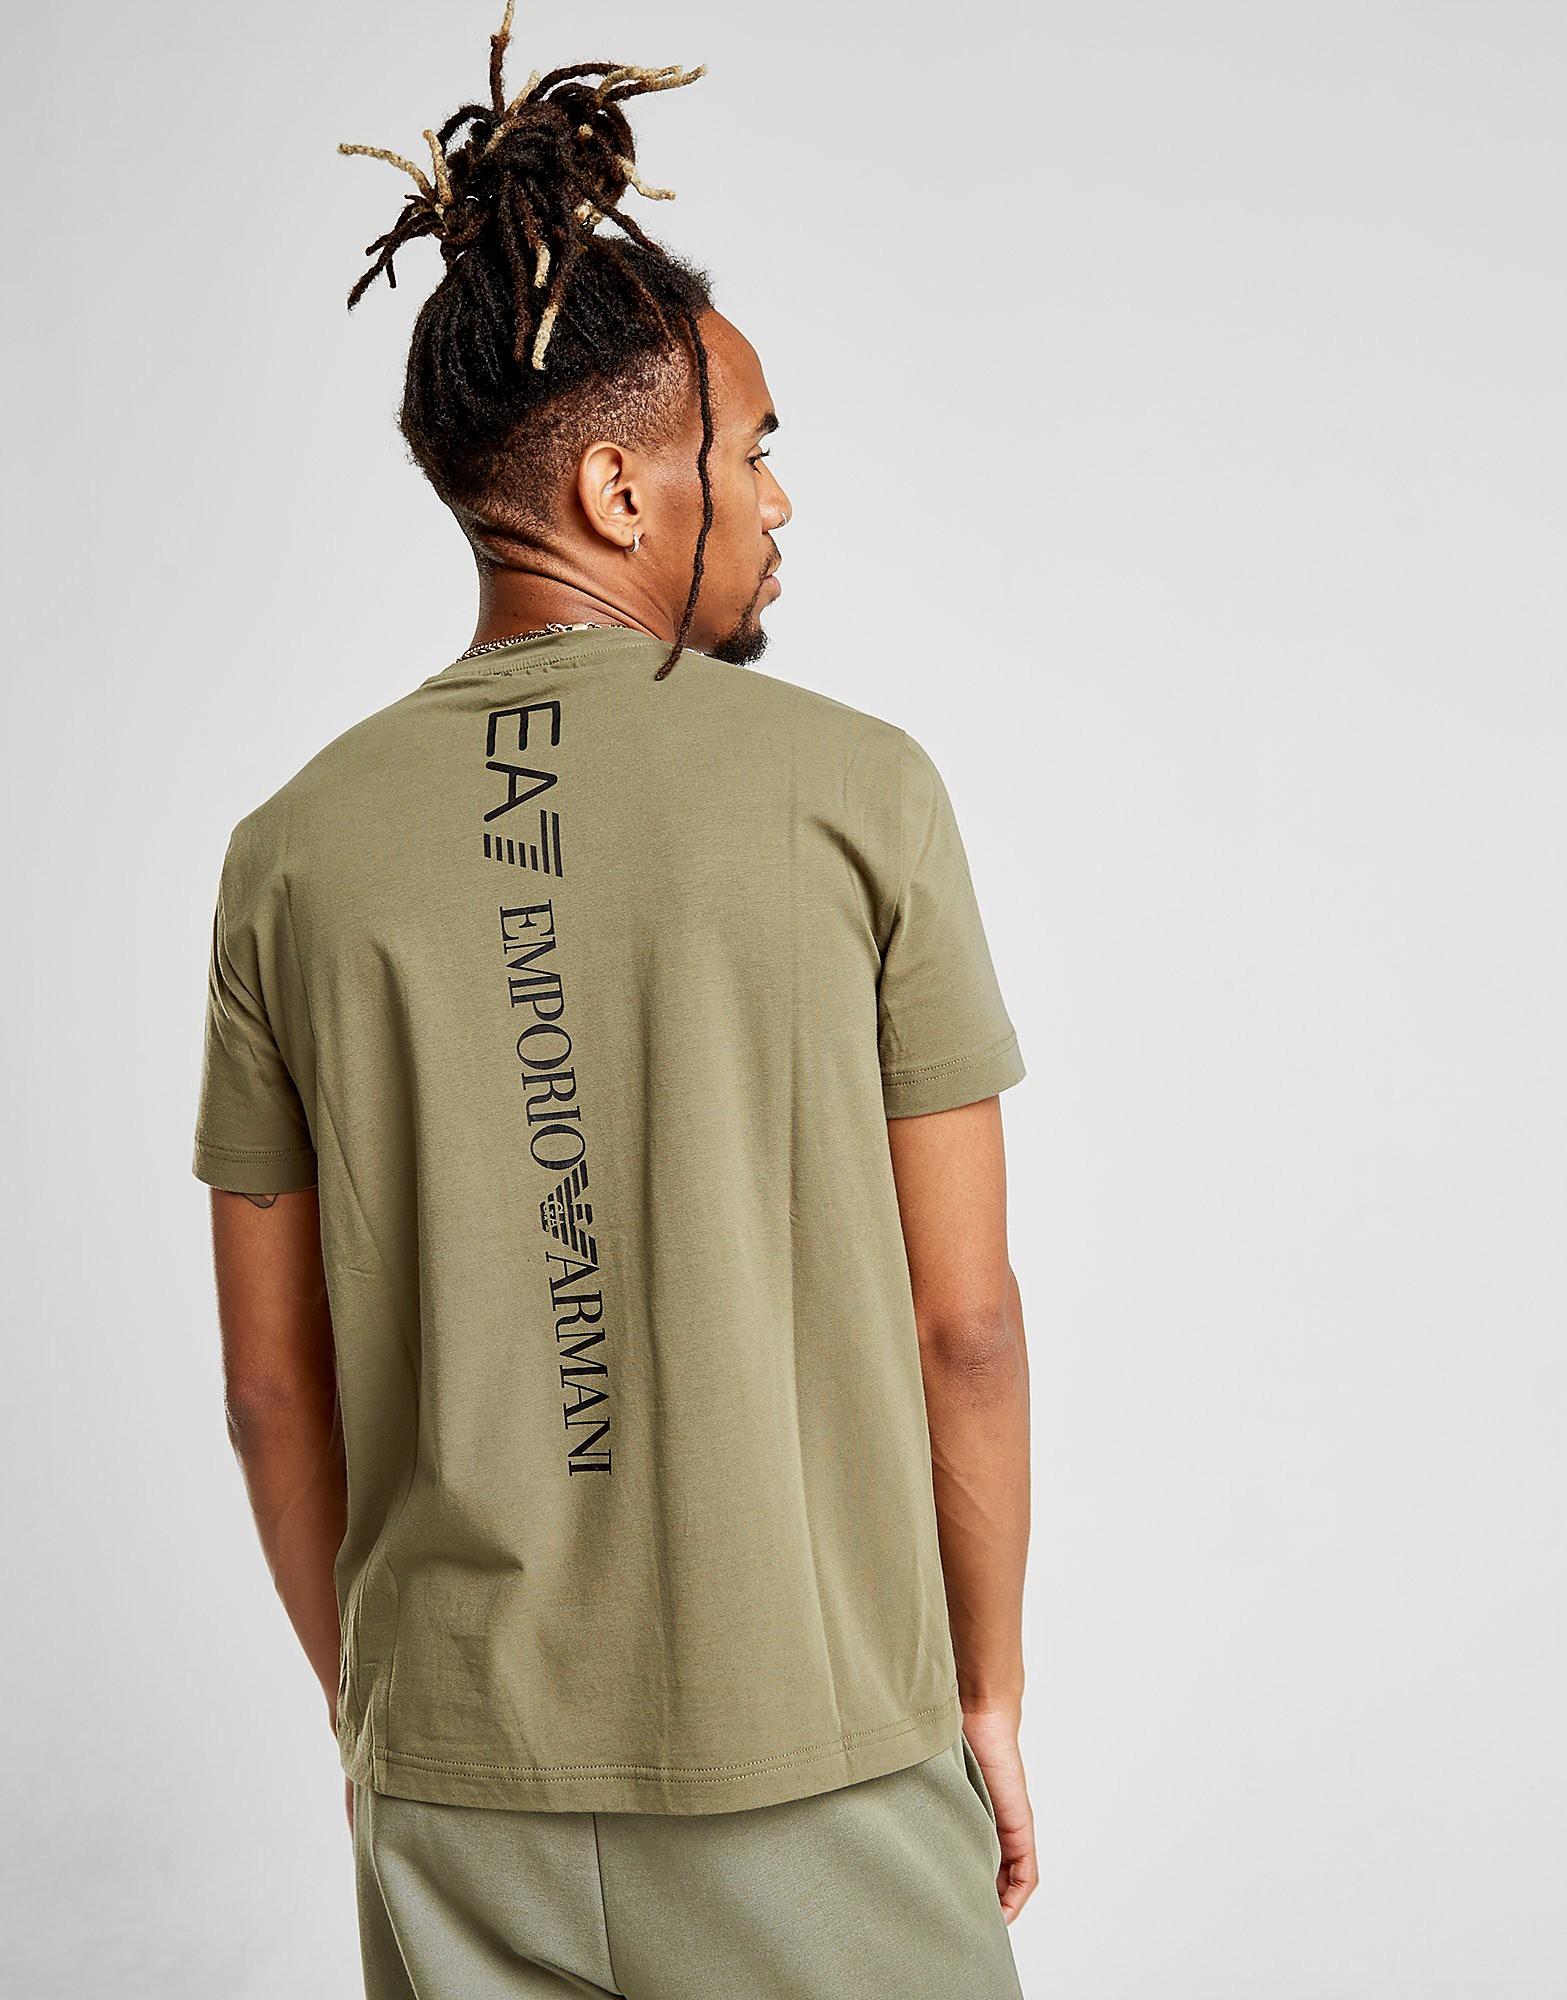 Emporio Armani EA7 Back Vertical Logo T-Shirt